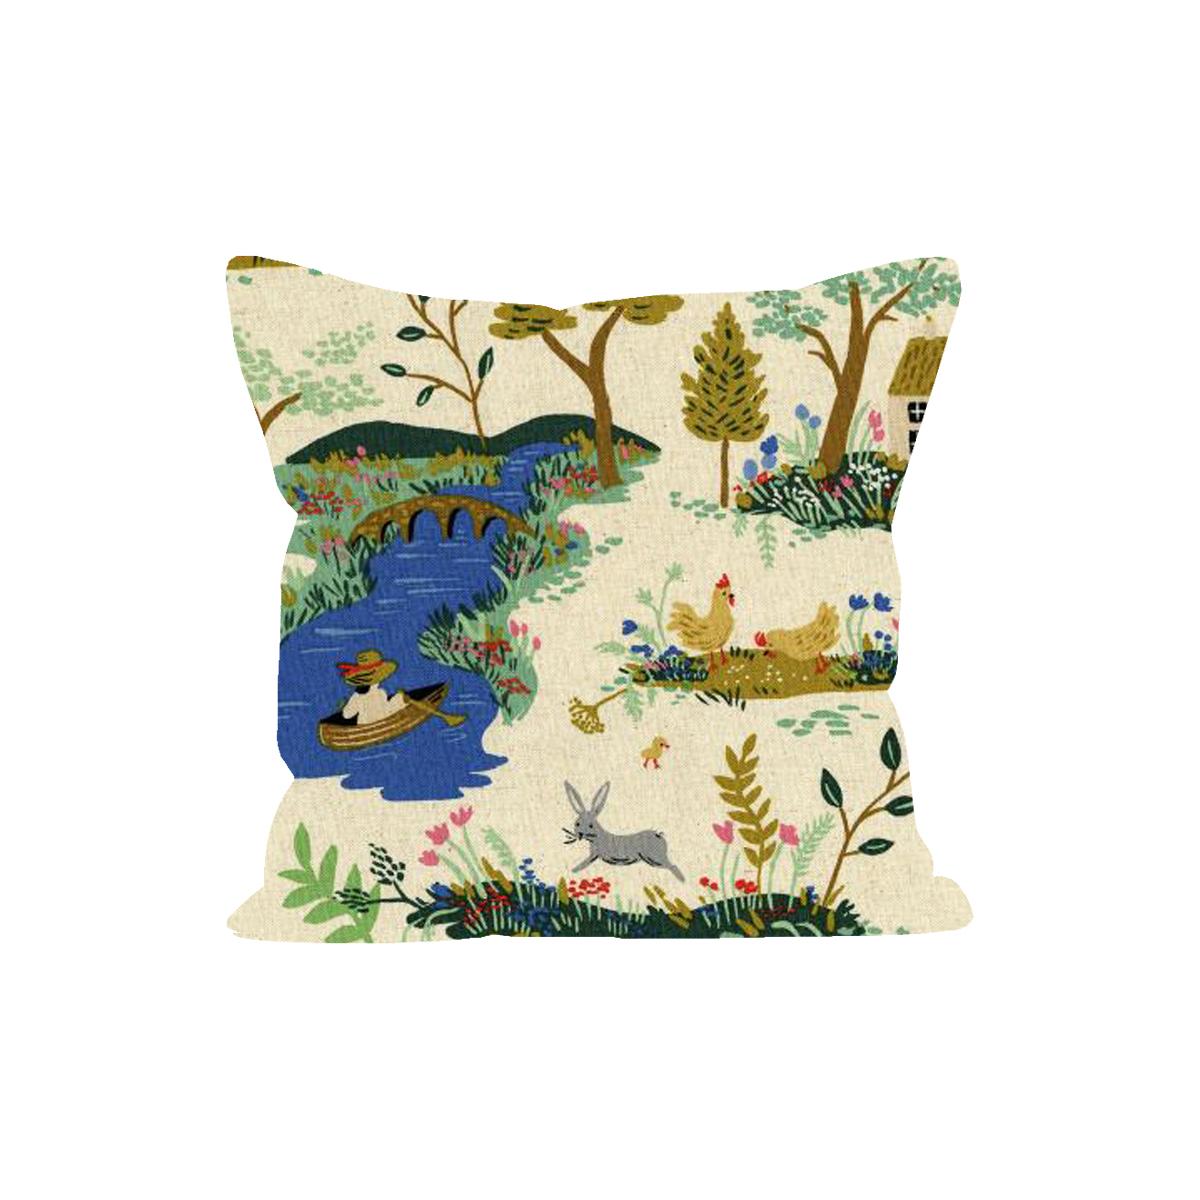 Grand coussin en coton 60x60 cm garden toile